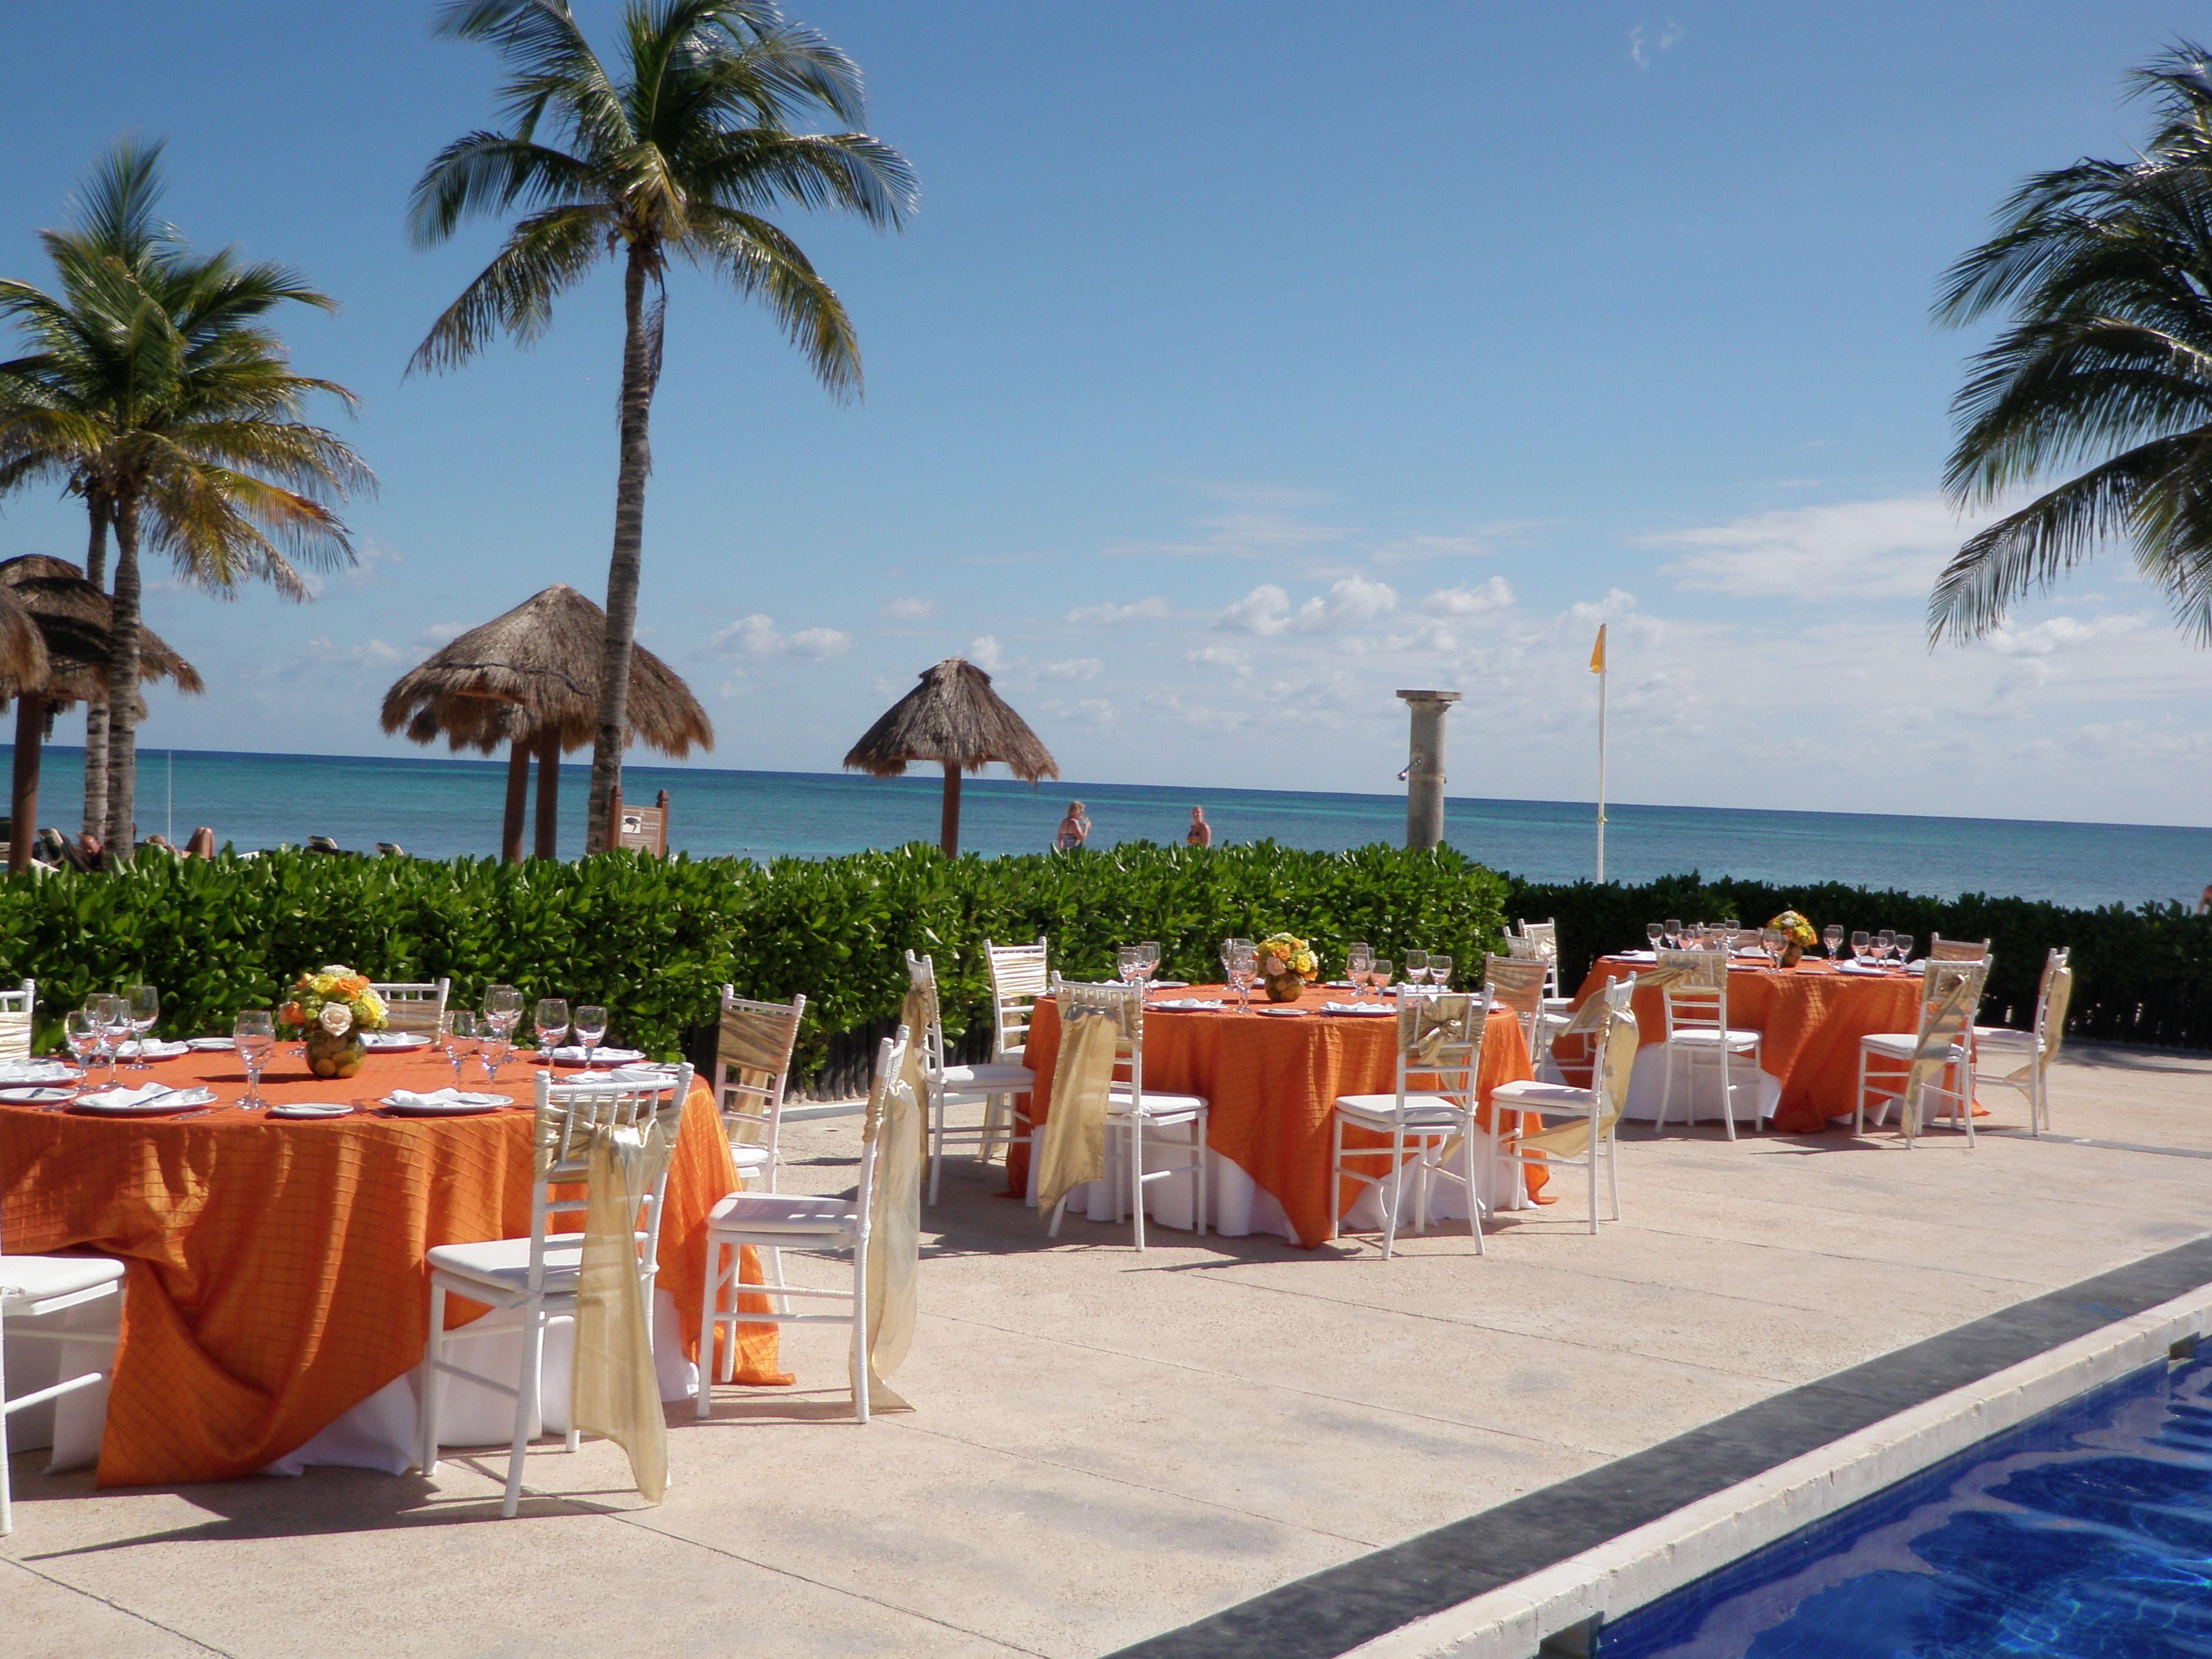 Dreams Tulum Resort In Riviera Maya Mexico Example Of Pool Area Wedding Reception Set